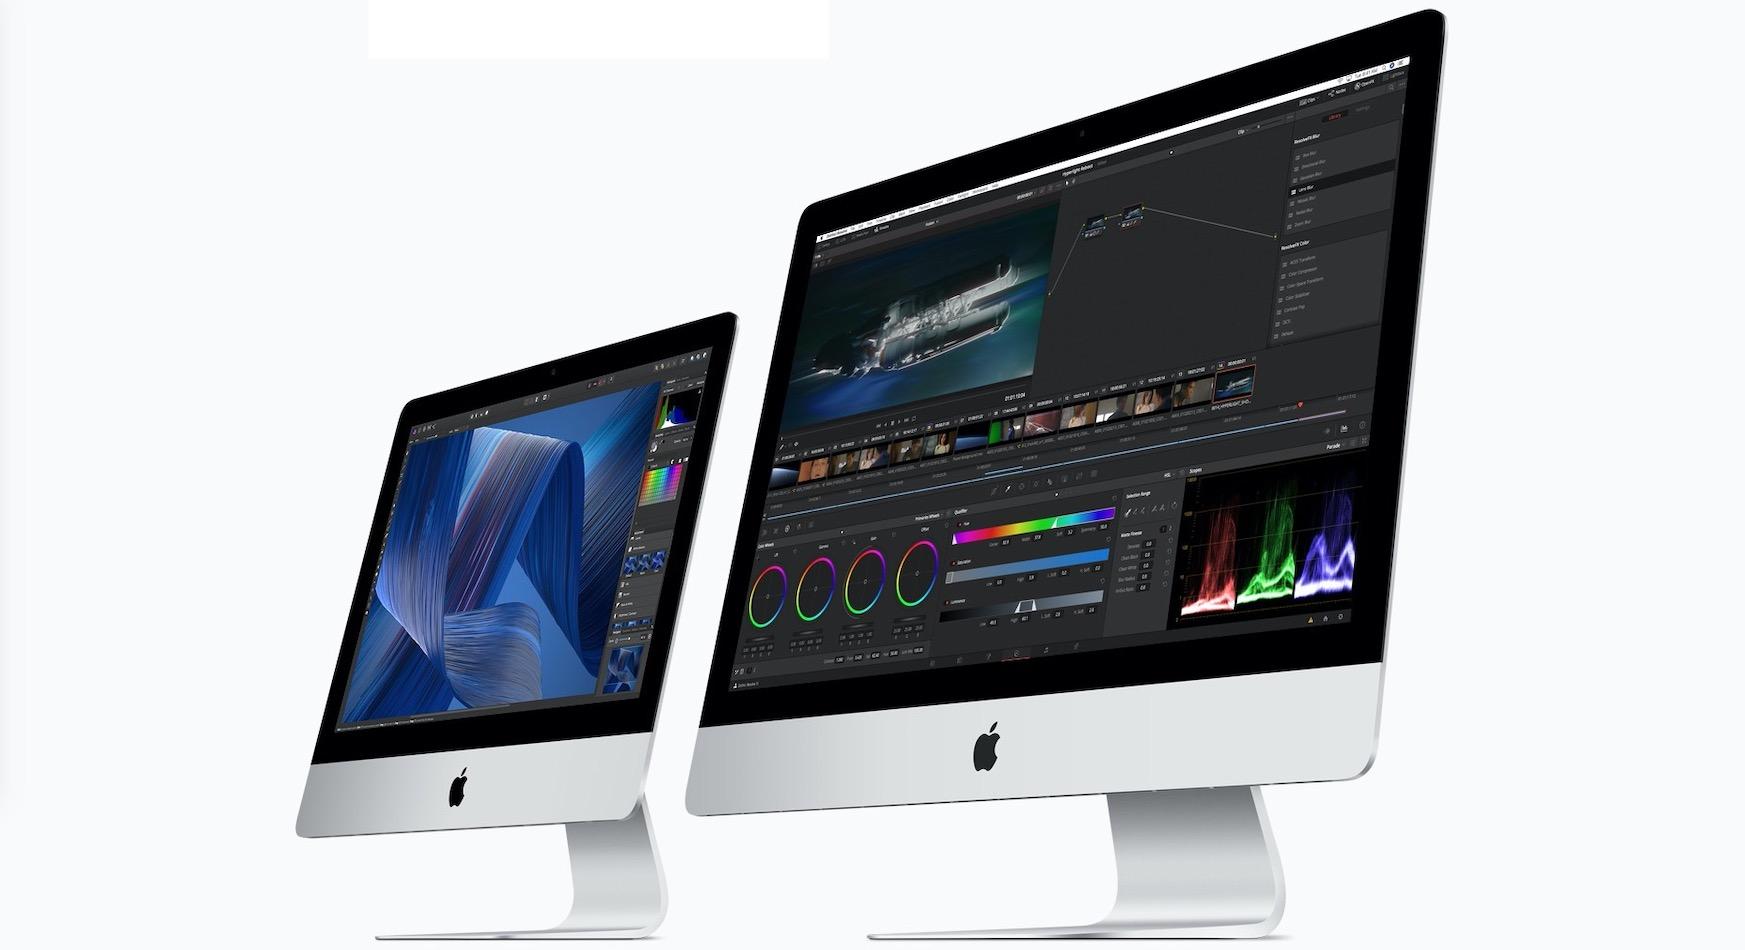 Windows-en amaiera Macs-en da.  Microsoft da errua, ez Apple